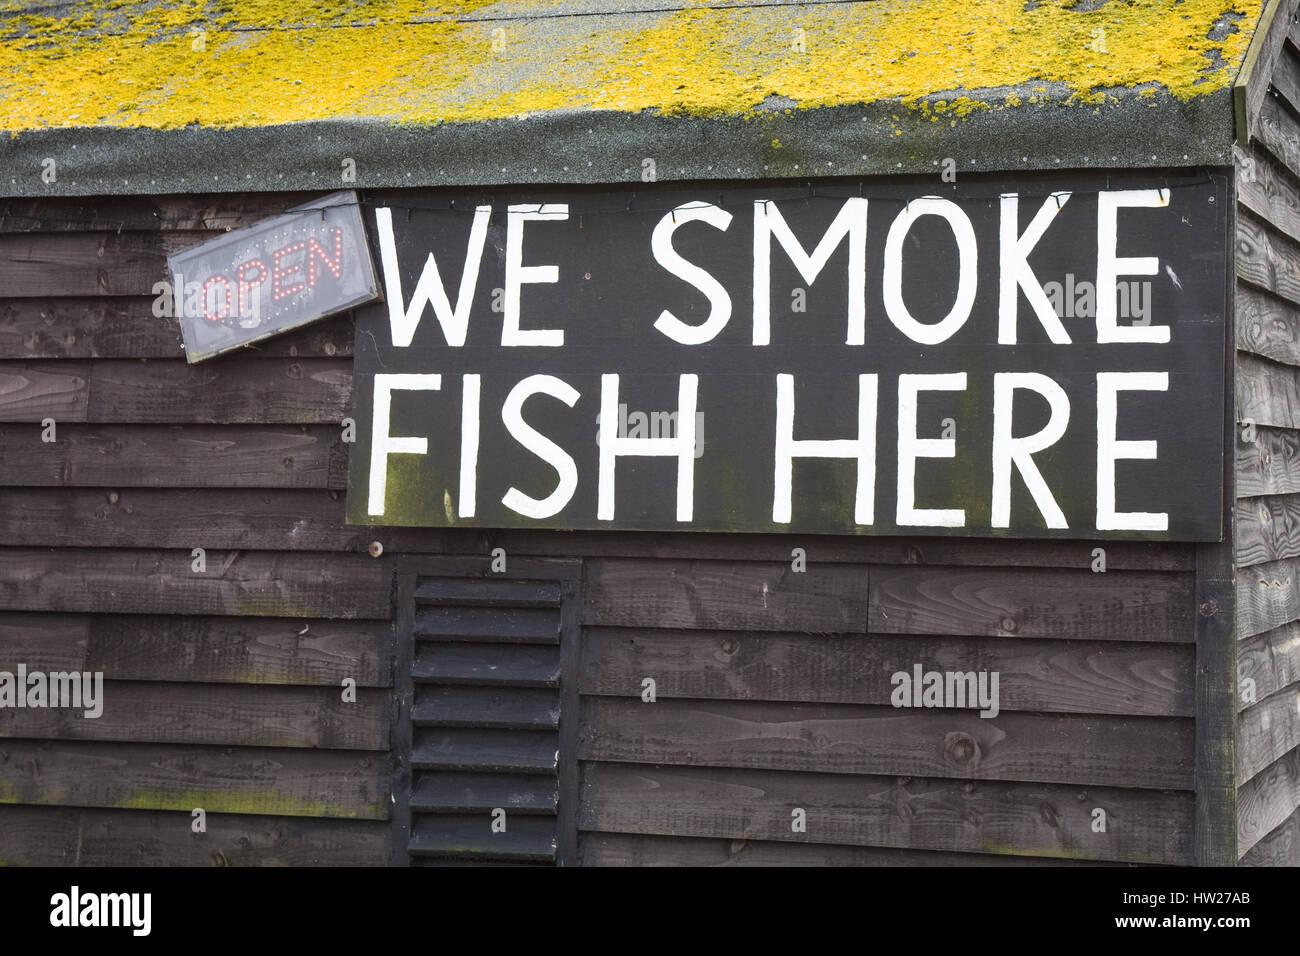 We smoke fish here amusing sign on an Aldeburgh fishing hut - Stock Image